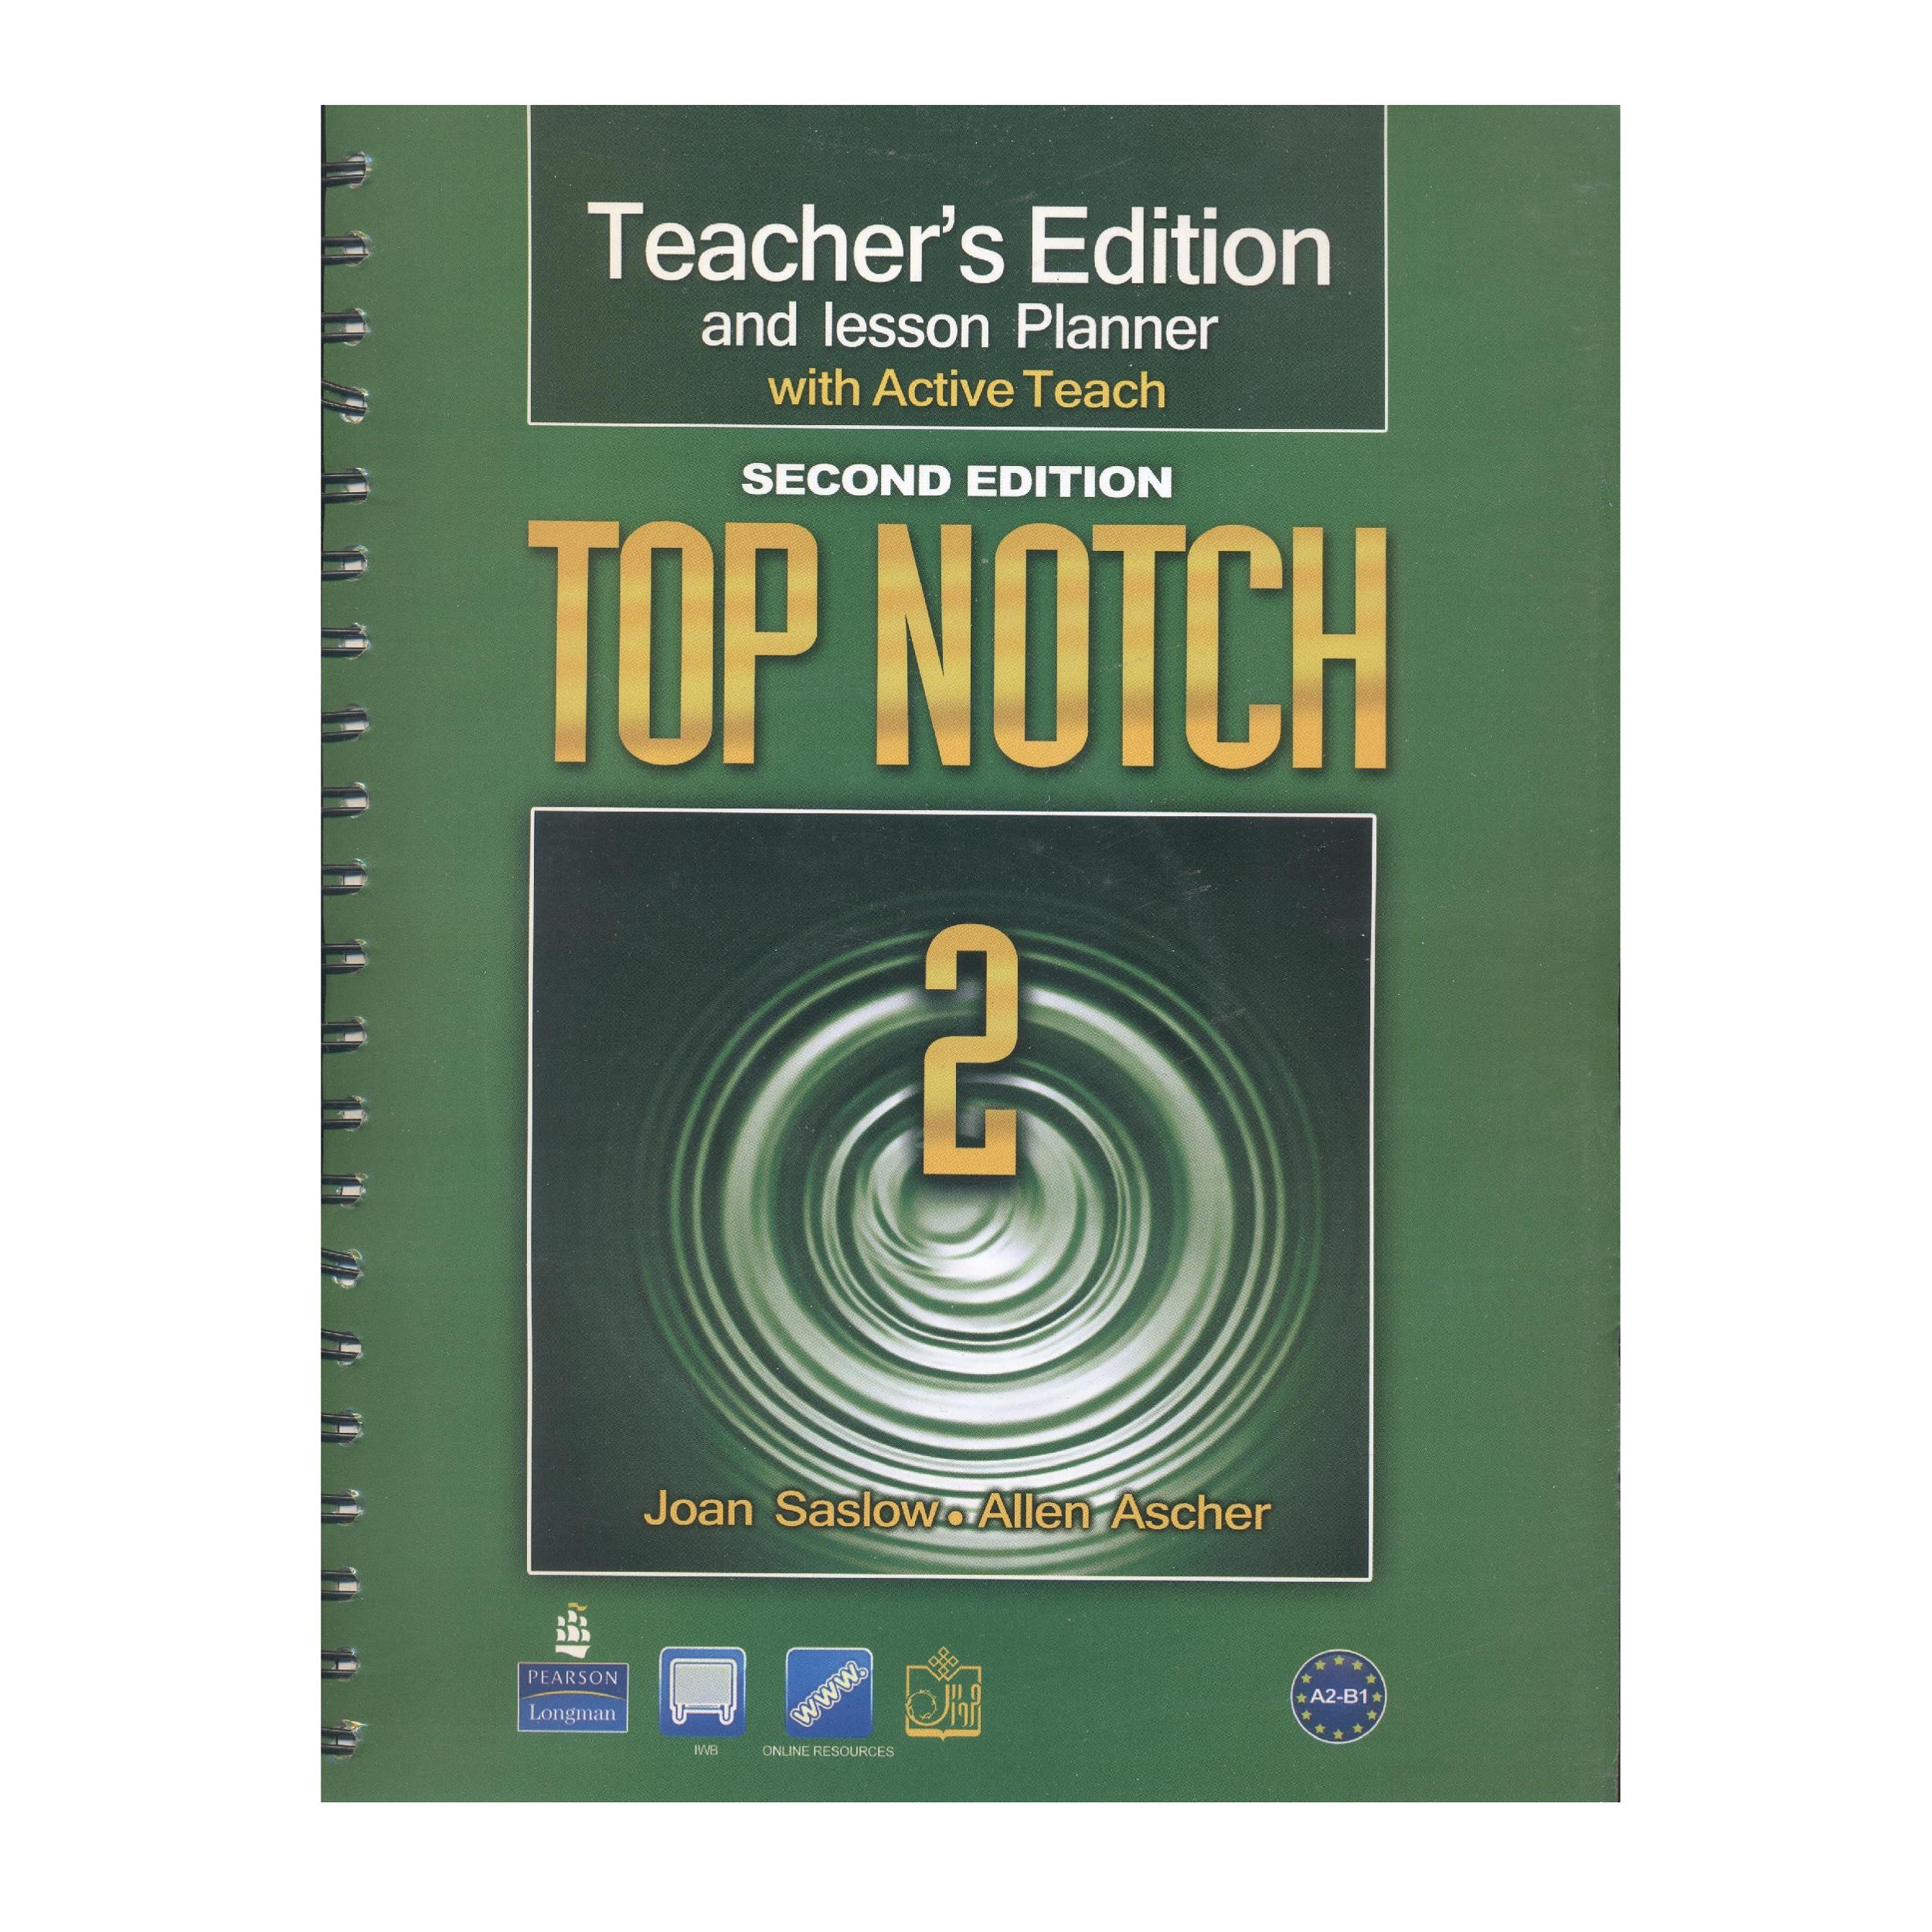 کتاب TOP NOTCH 2 Teachers Edition اثر جمعی از نویسندگان نشر PEARSON